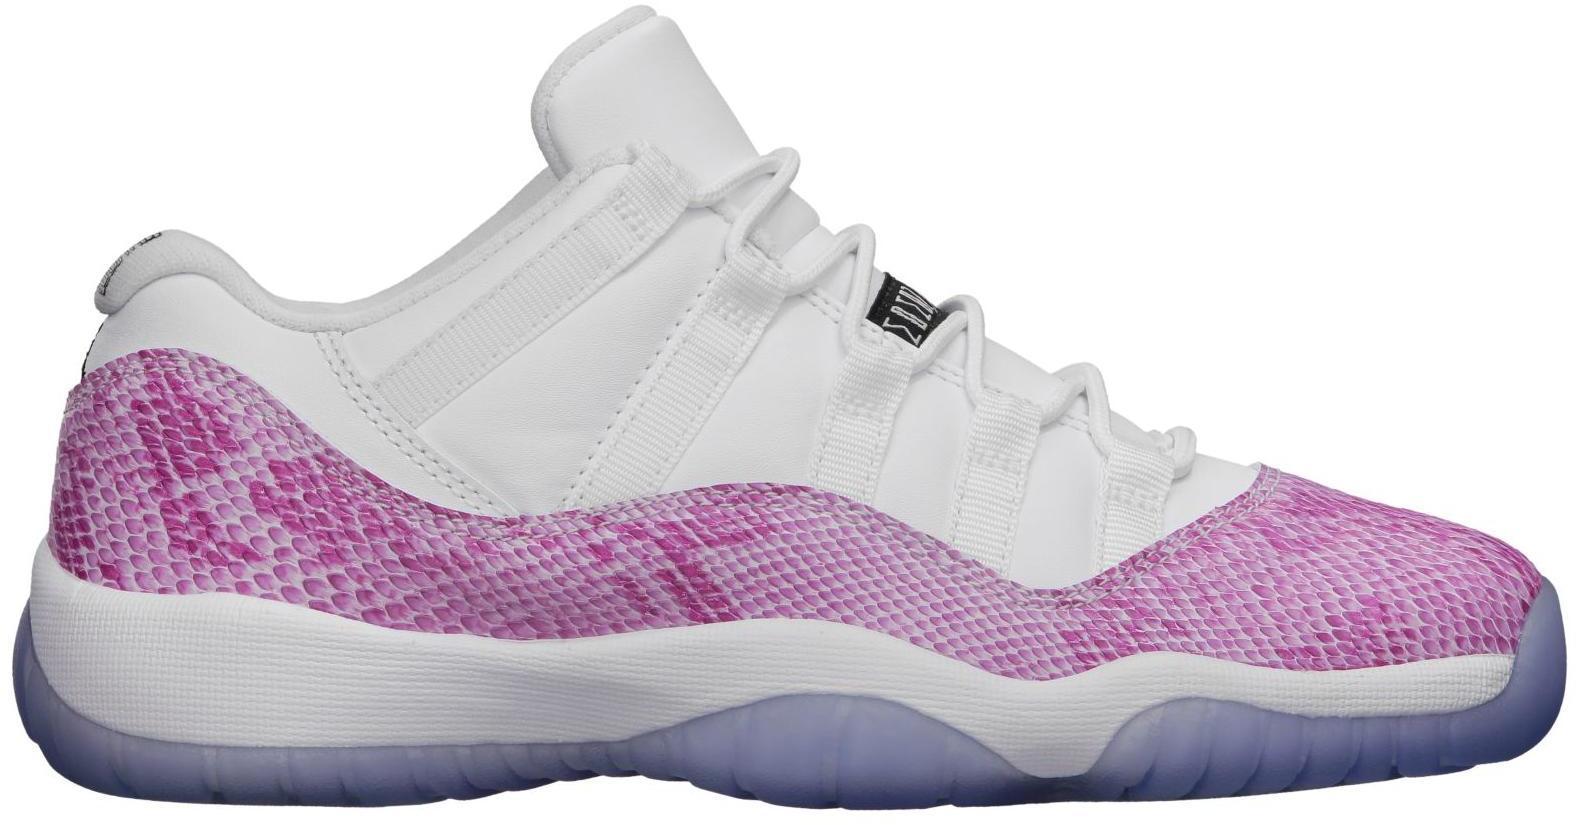 Jordan 11 Retro Low Pink Snakeskin 2013